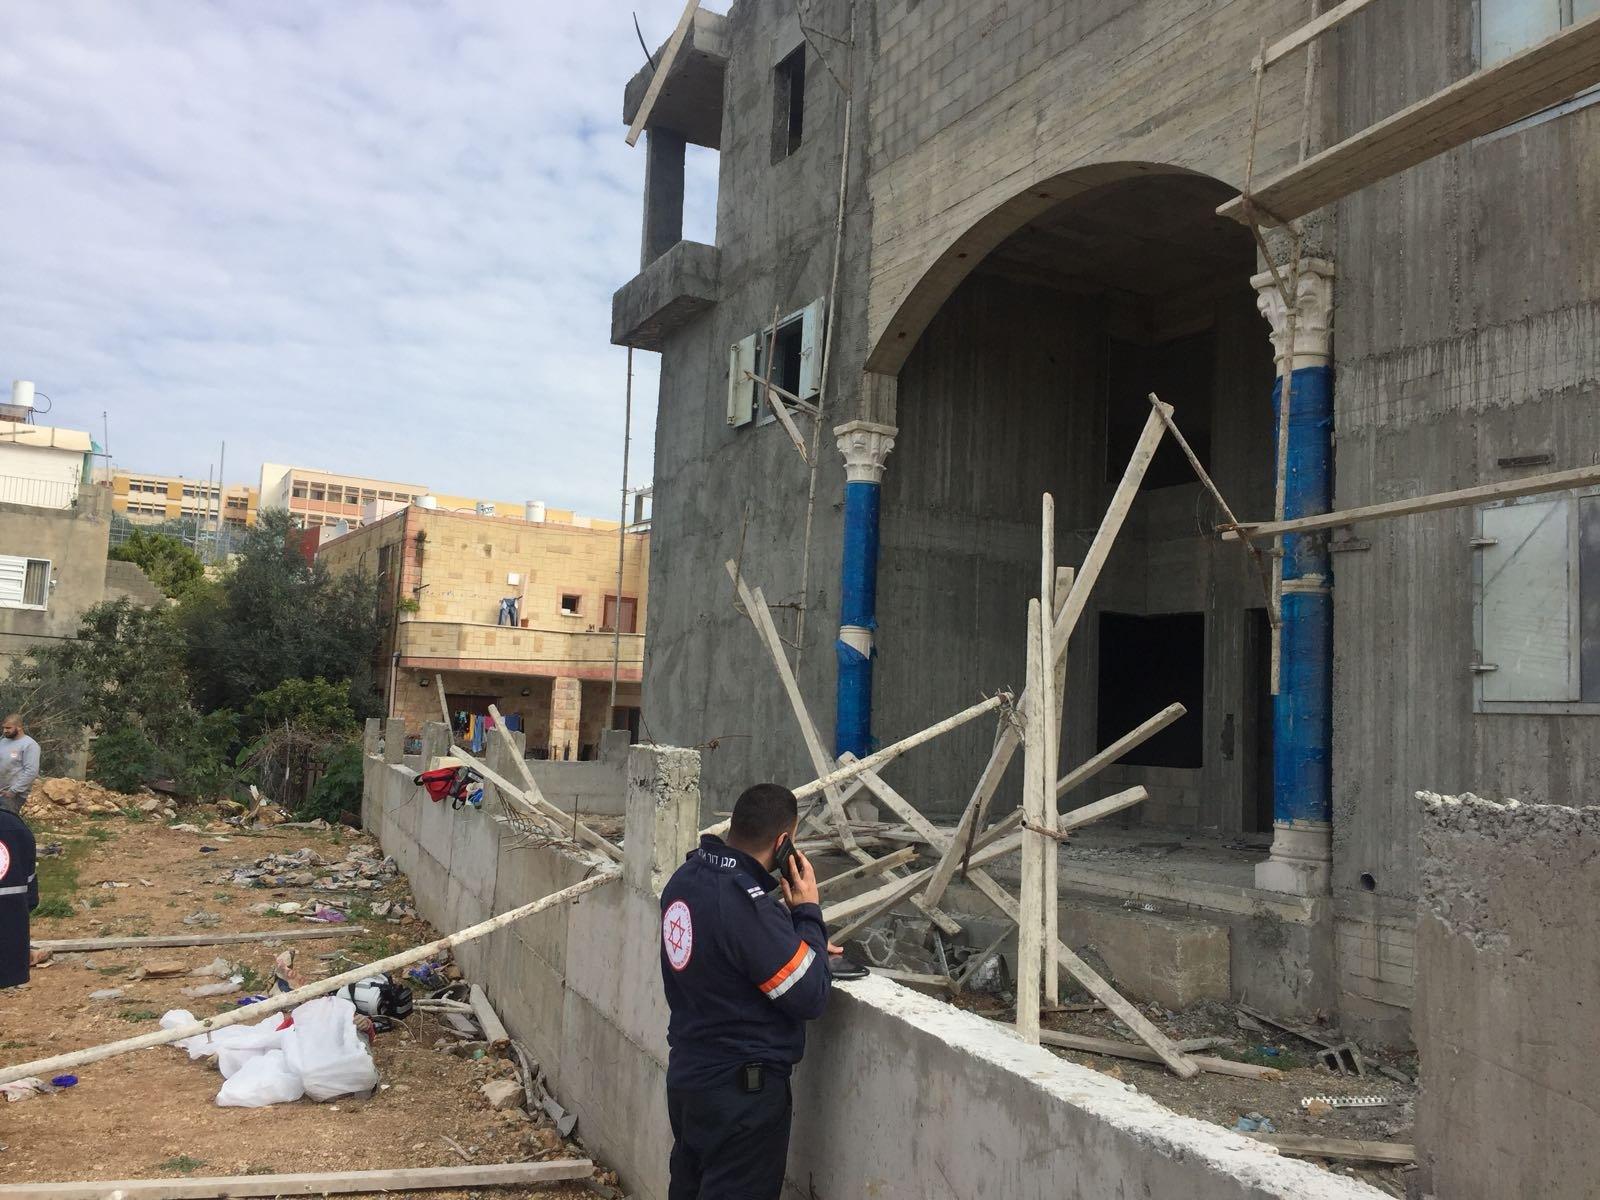 مصرع عامل من غزة في ورشة للبناء في طمرة